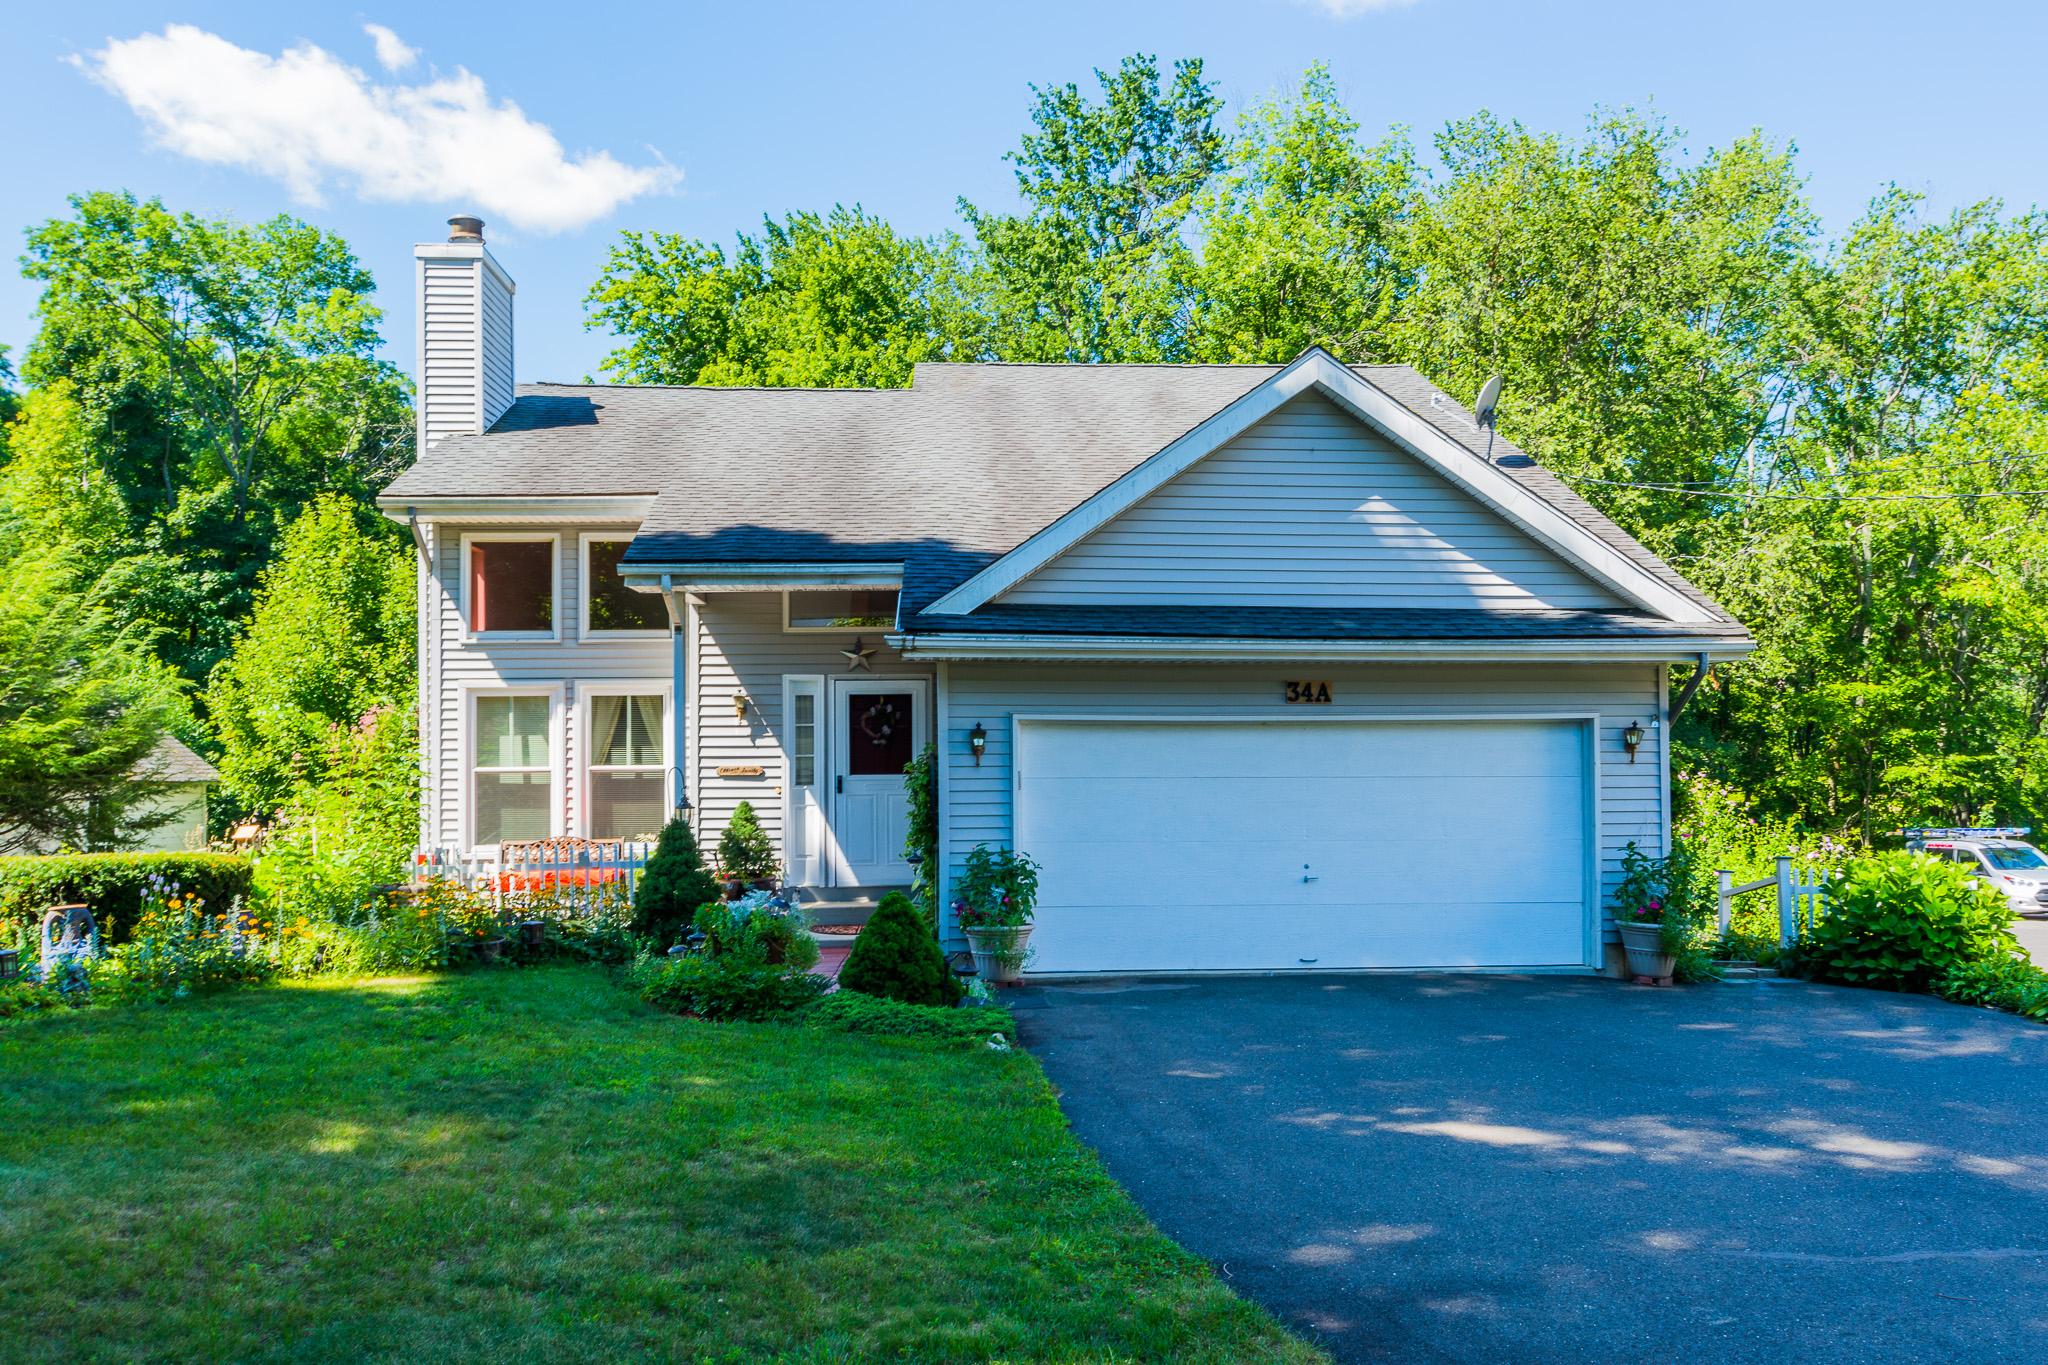 Maison unifamiliale pour l Vente à Bright Open Floor Plan 34 East Pembroke Road Danbury, Connecticut, 06811 États-Unis